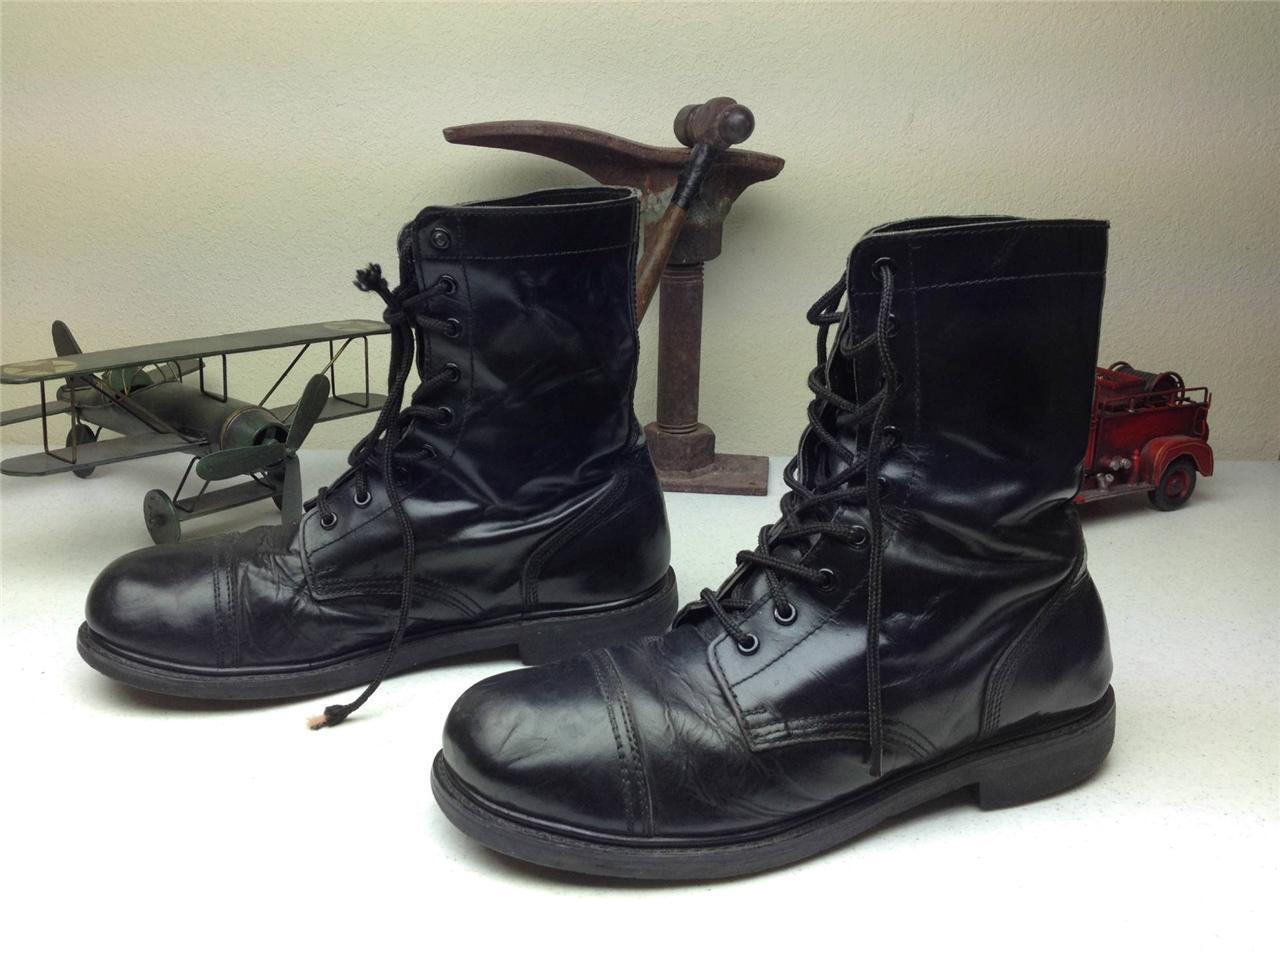 Negro con aspecto envejecido de combate militar paratroper lazada campo botas M